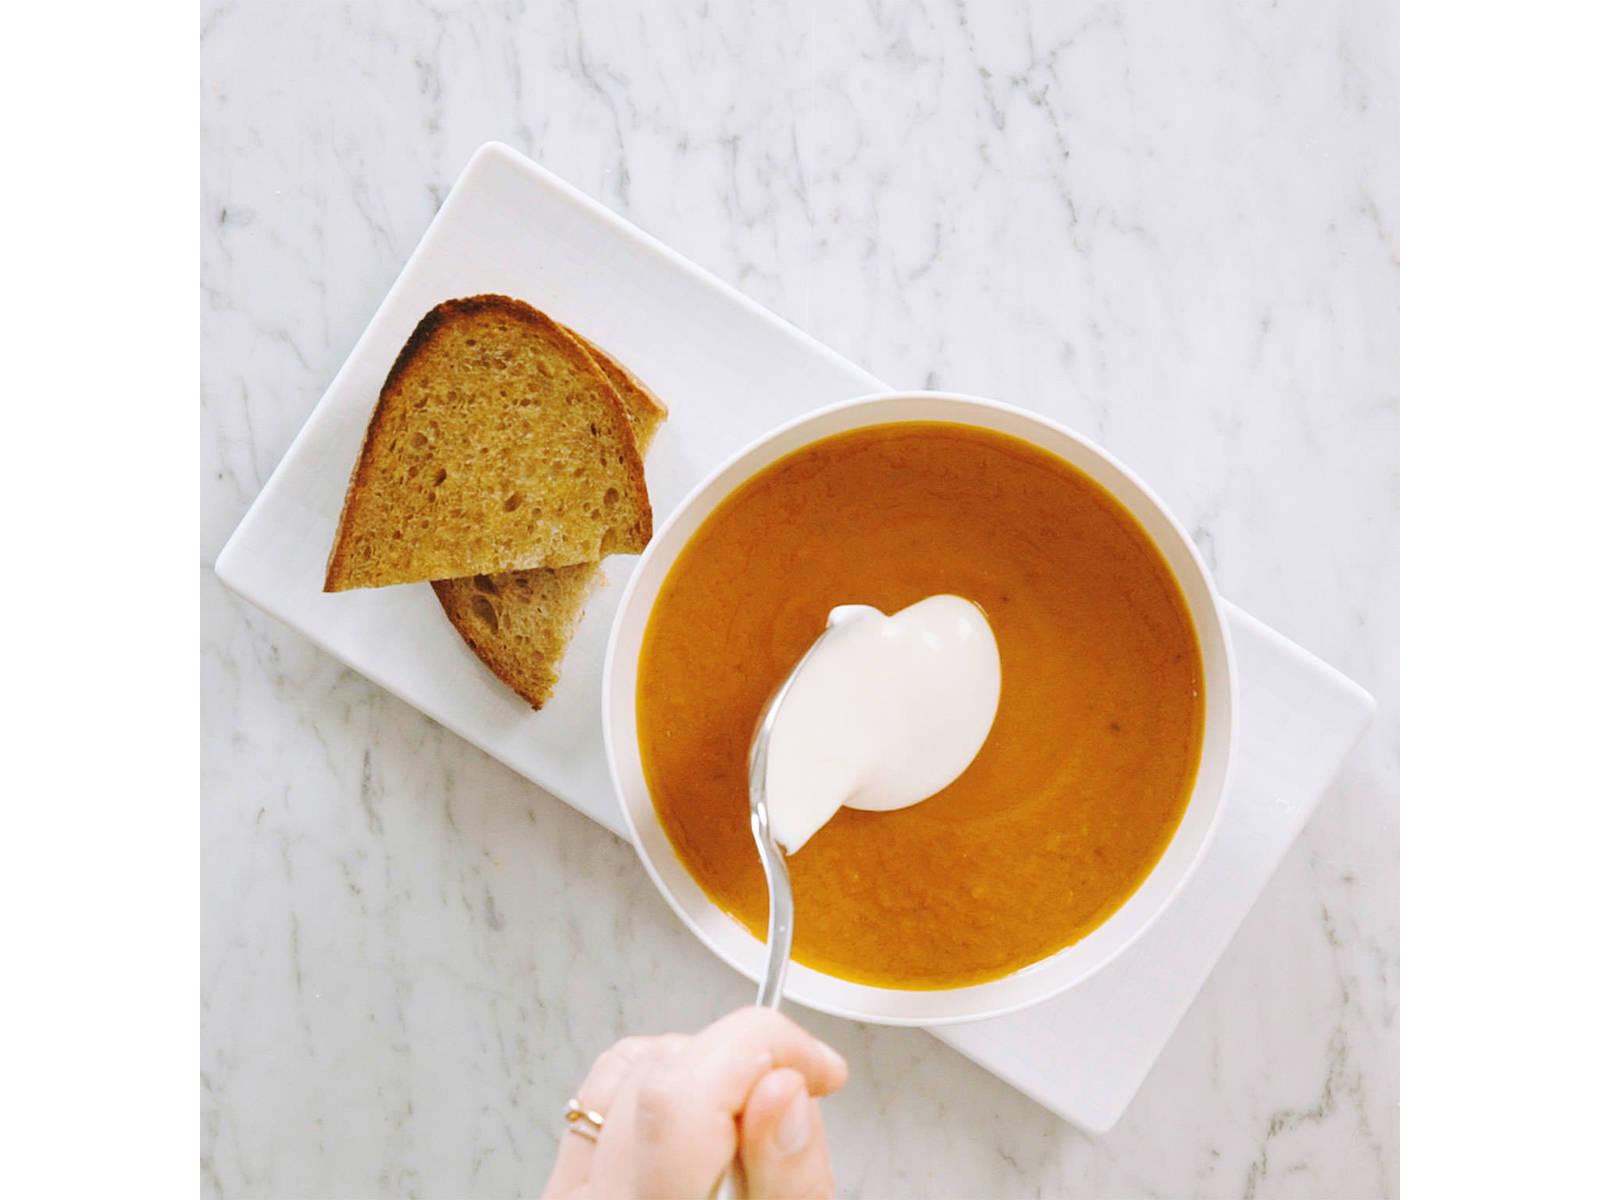 盛入碗中,加入酸奶替代品。如果你喜欢,还可以淋上南瓜籽油做装饰。搭配全麦面包食用。尽情享受吧!